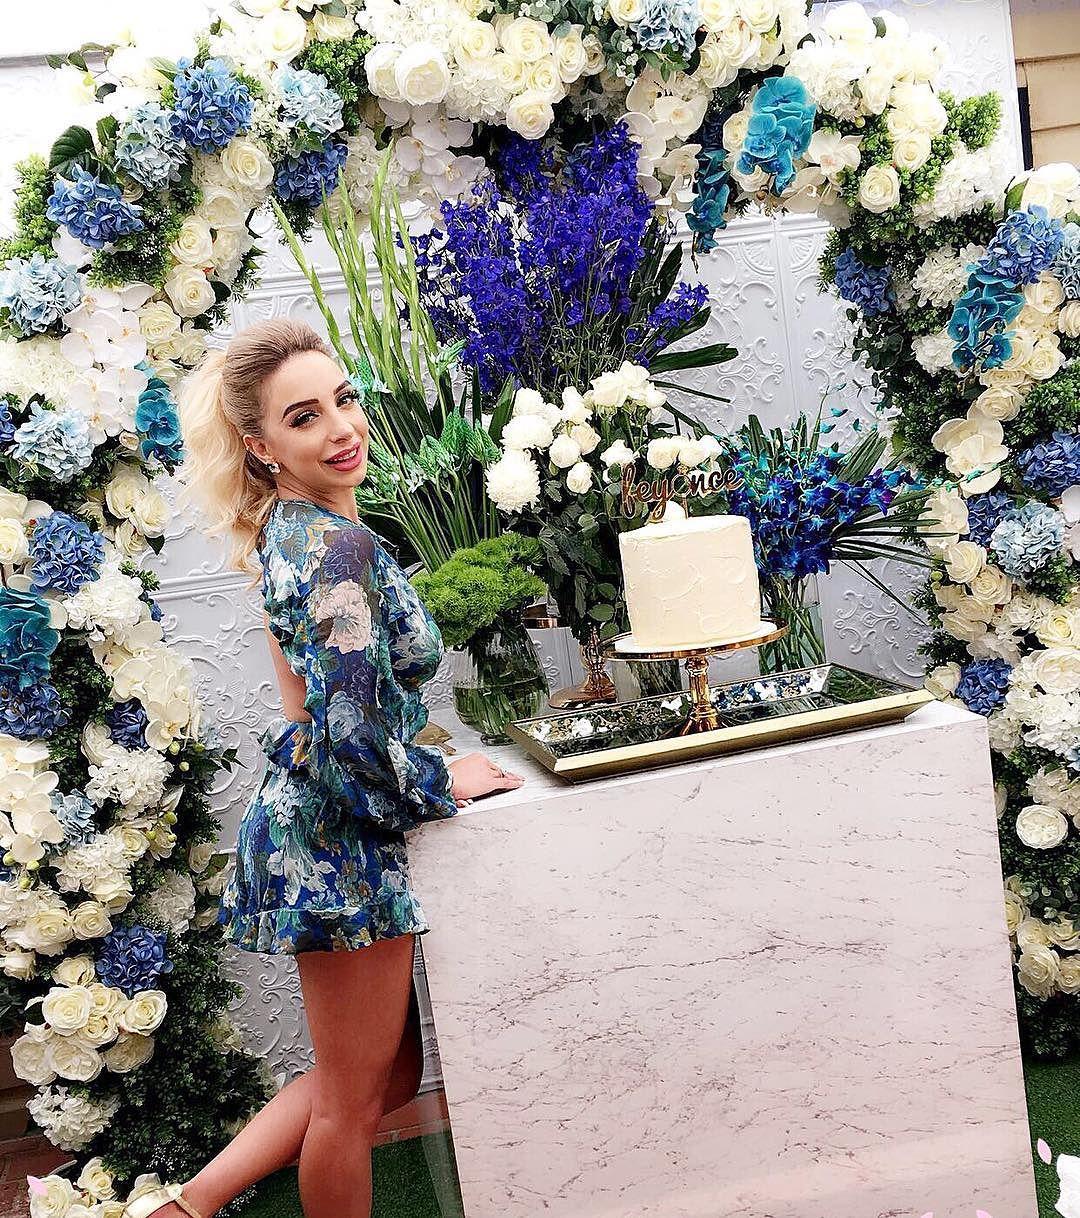 decoracion de fiestas en color azul cobalto (1)